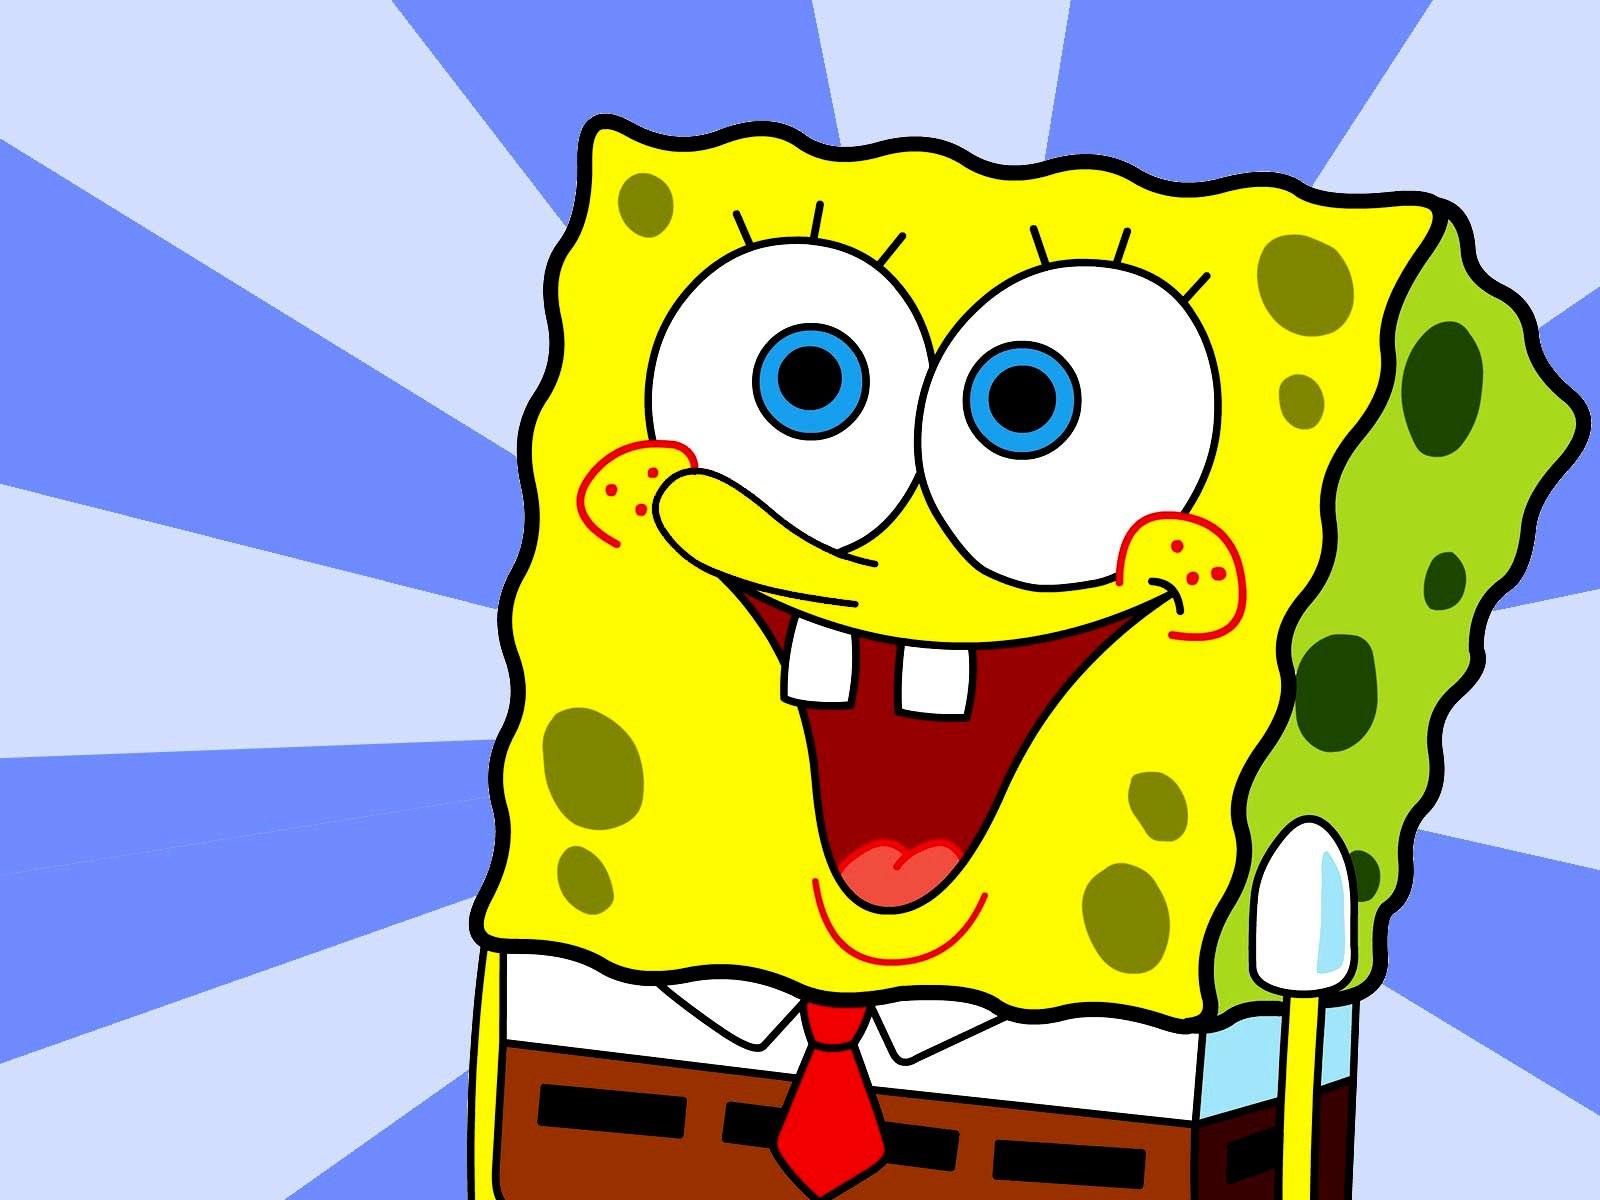 Spongebob Images Wallpapers 040